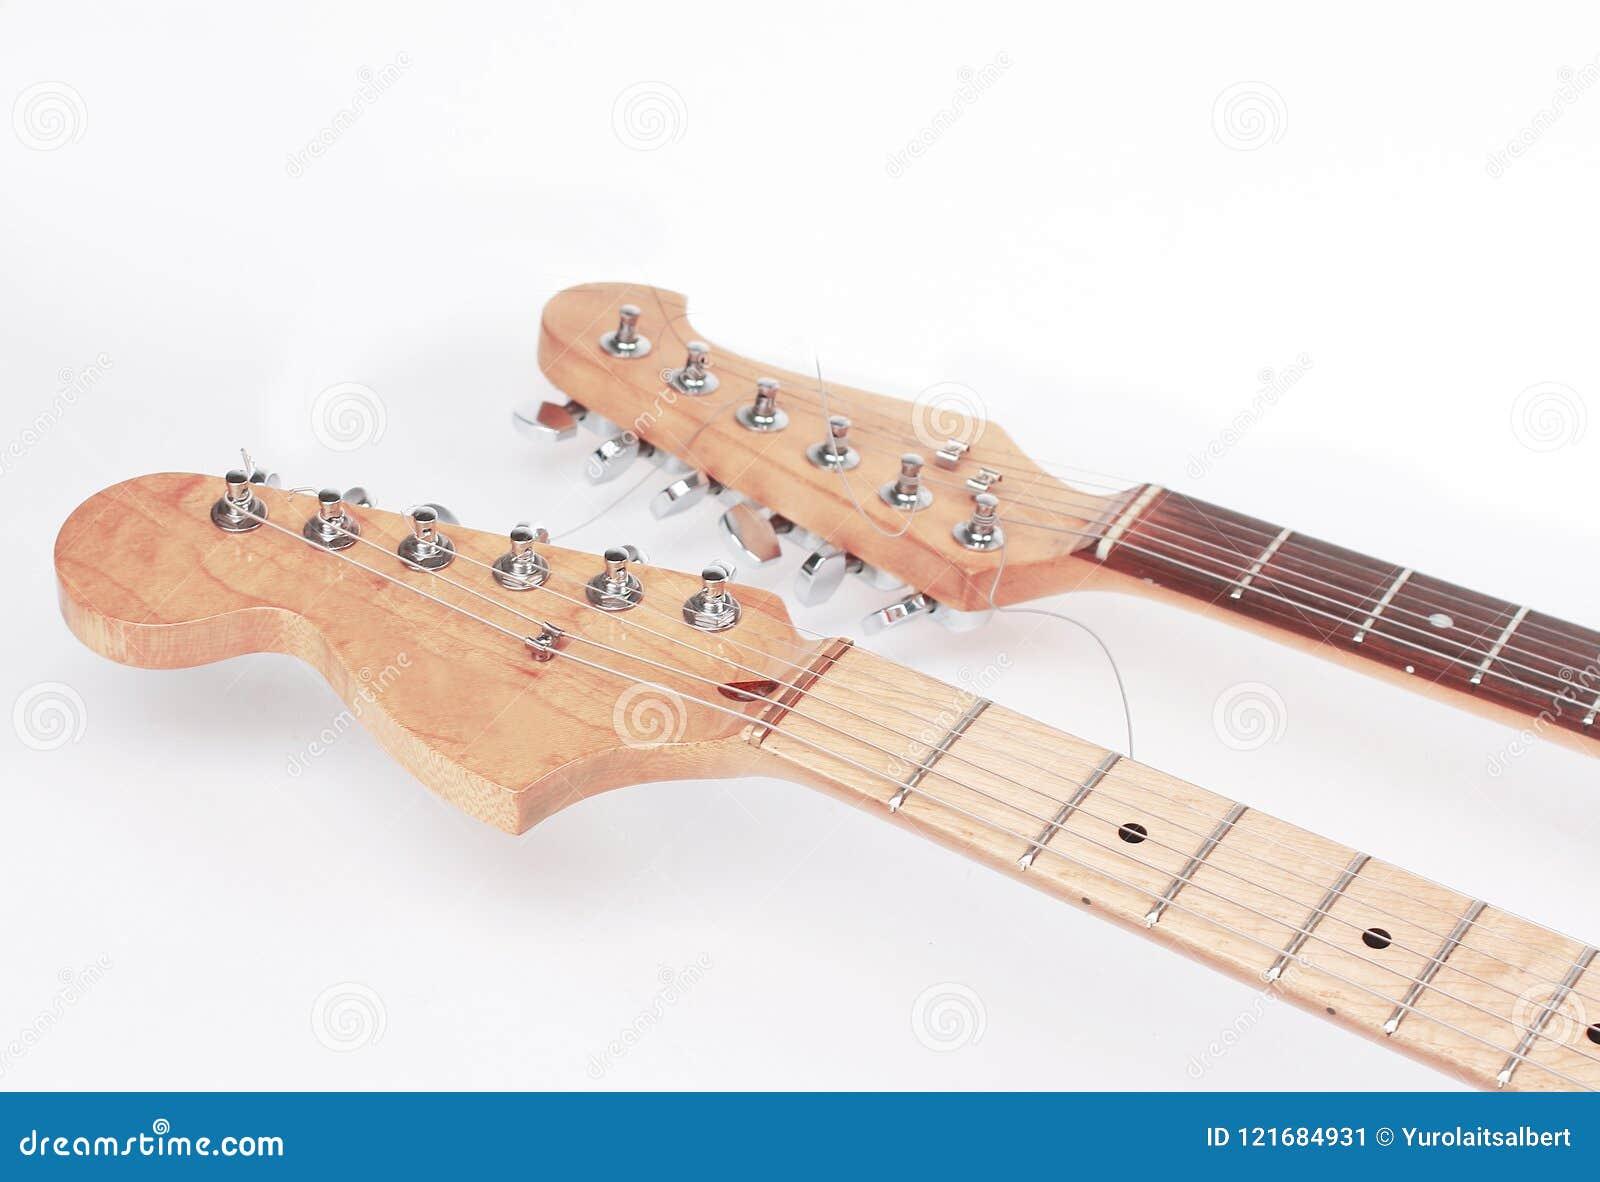 Nella priorità alta il fretboard di una chitarra acustica isolato